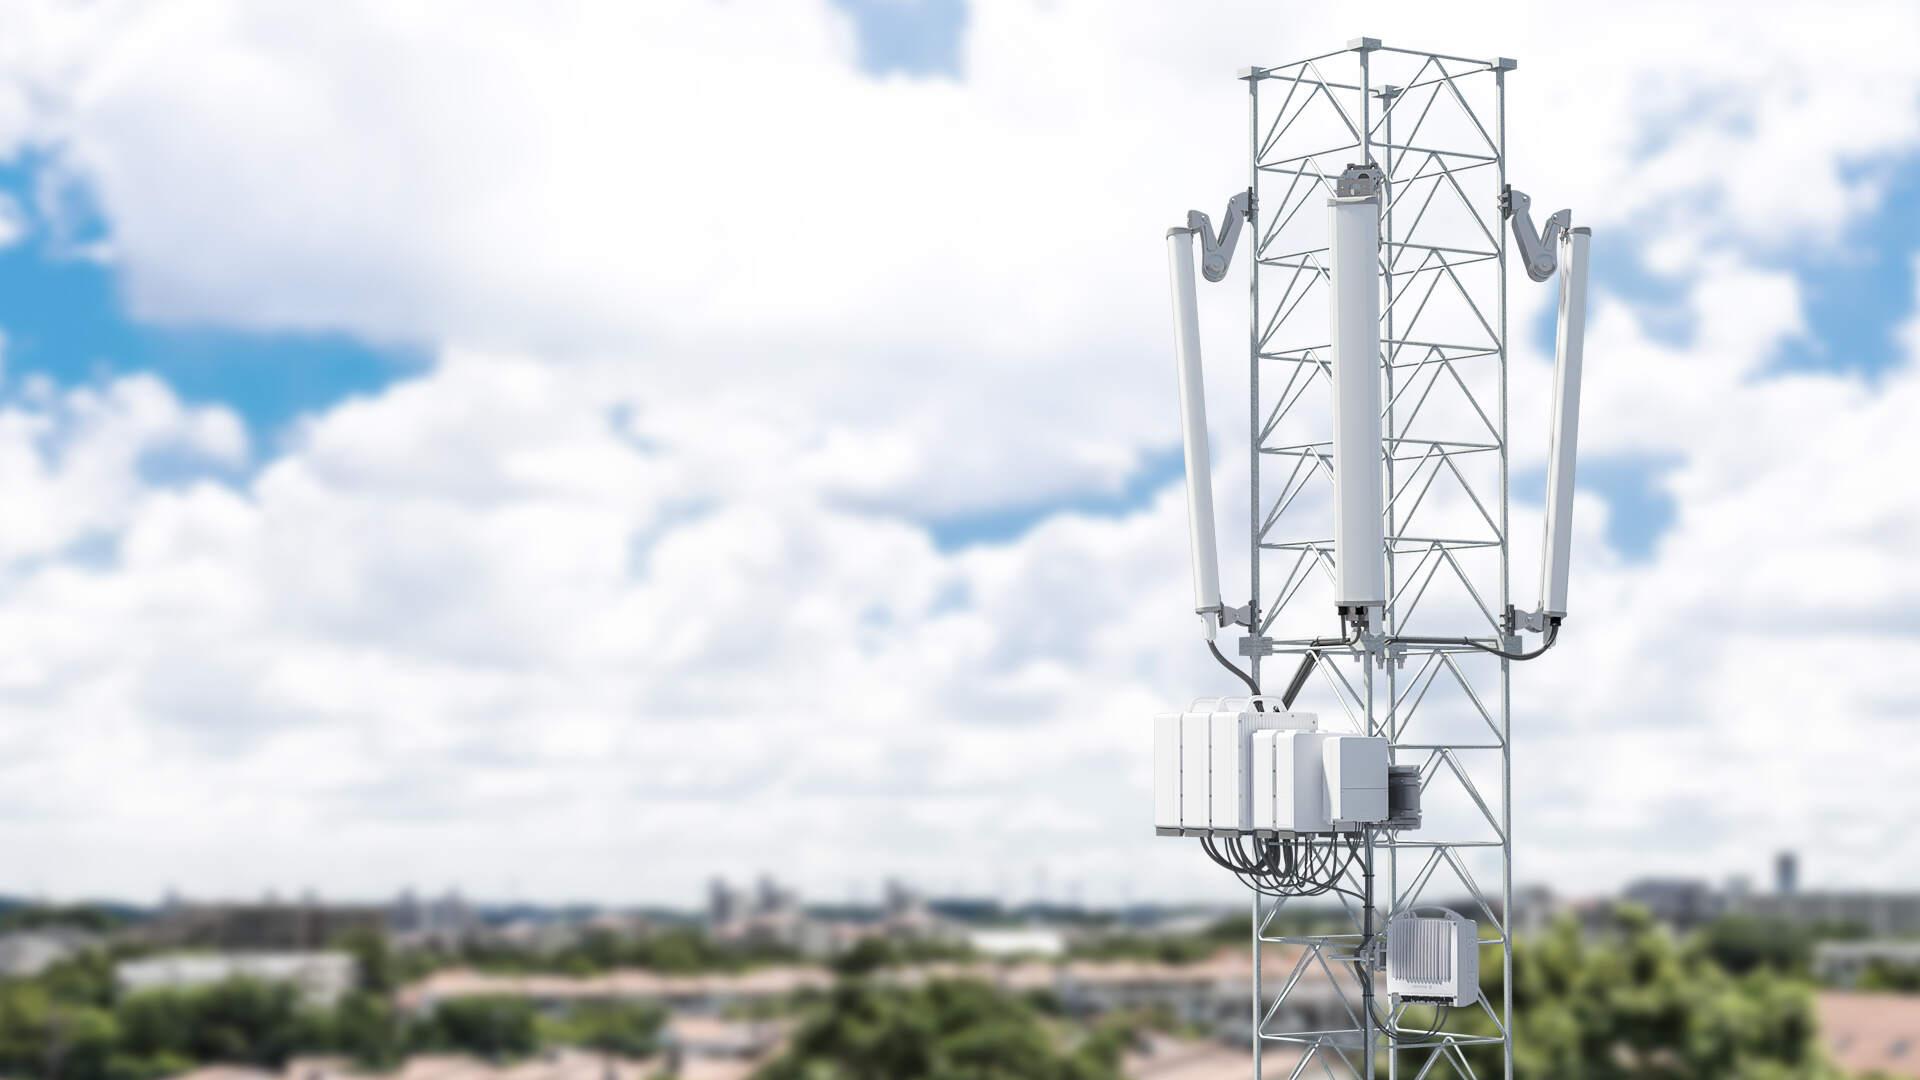 Эрикссон купил самого популярного производителя антенн для базовых станций